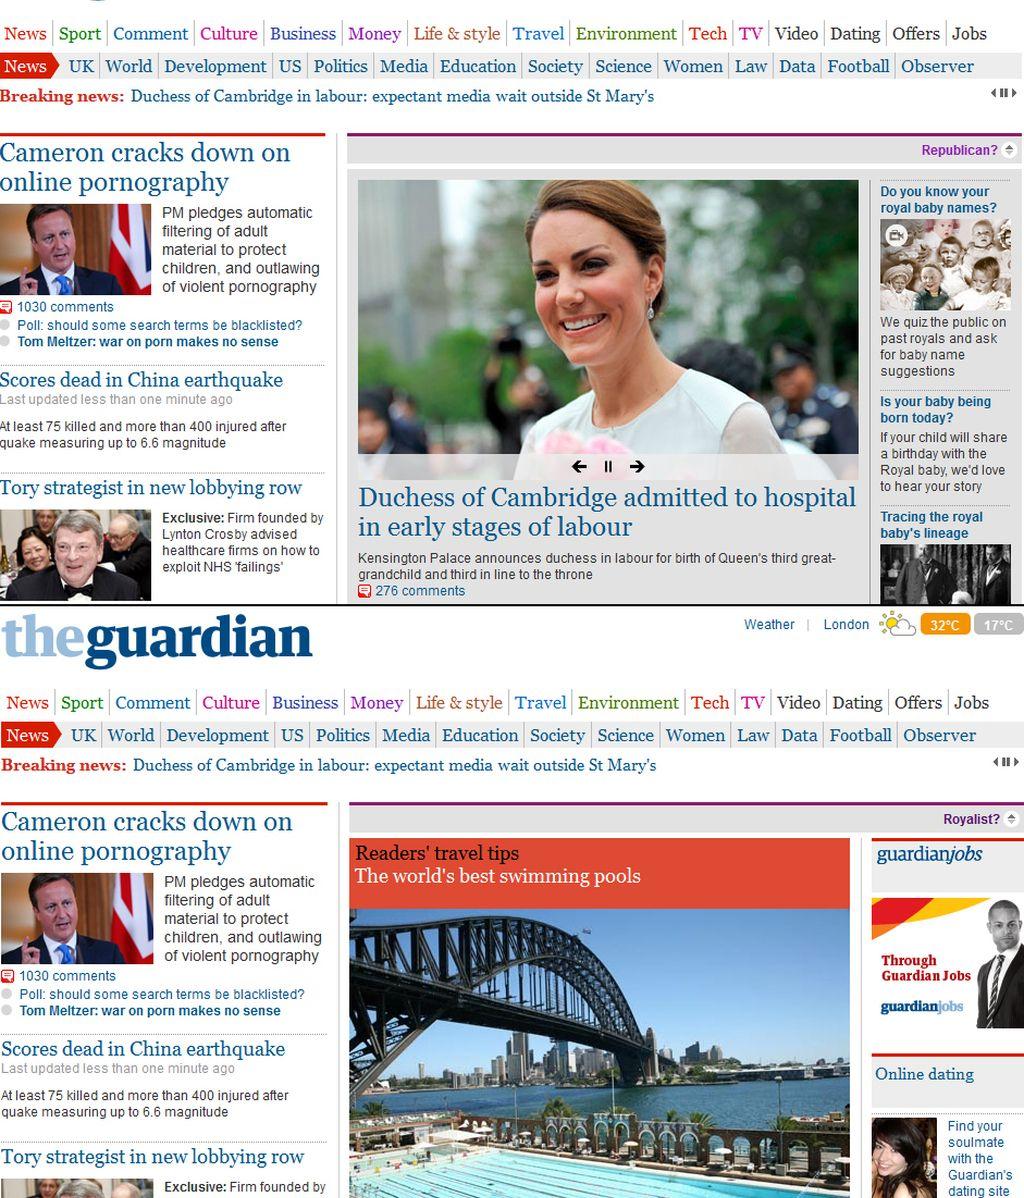 Montaje The Guardian, republica, monarquía